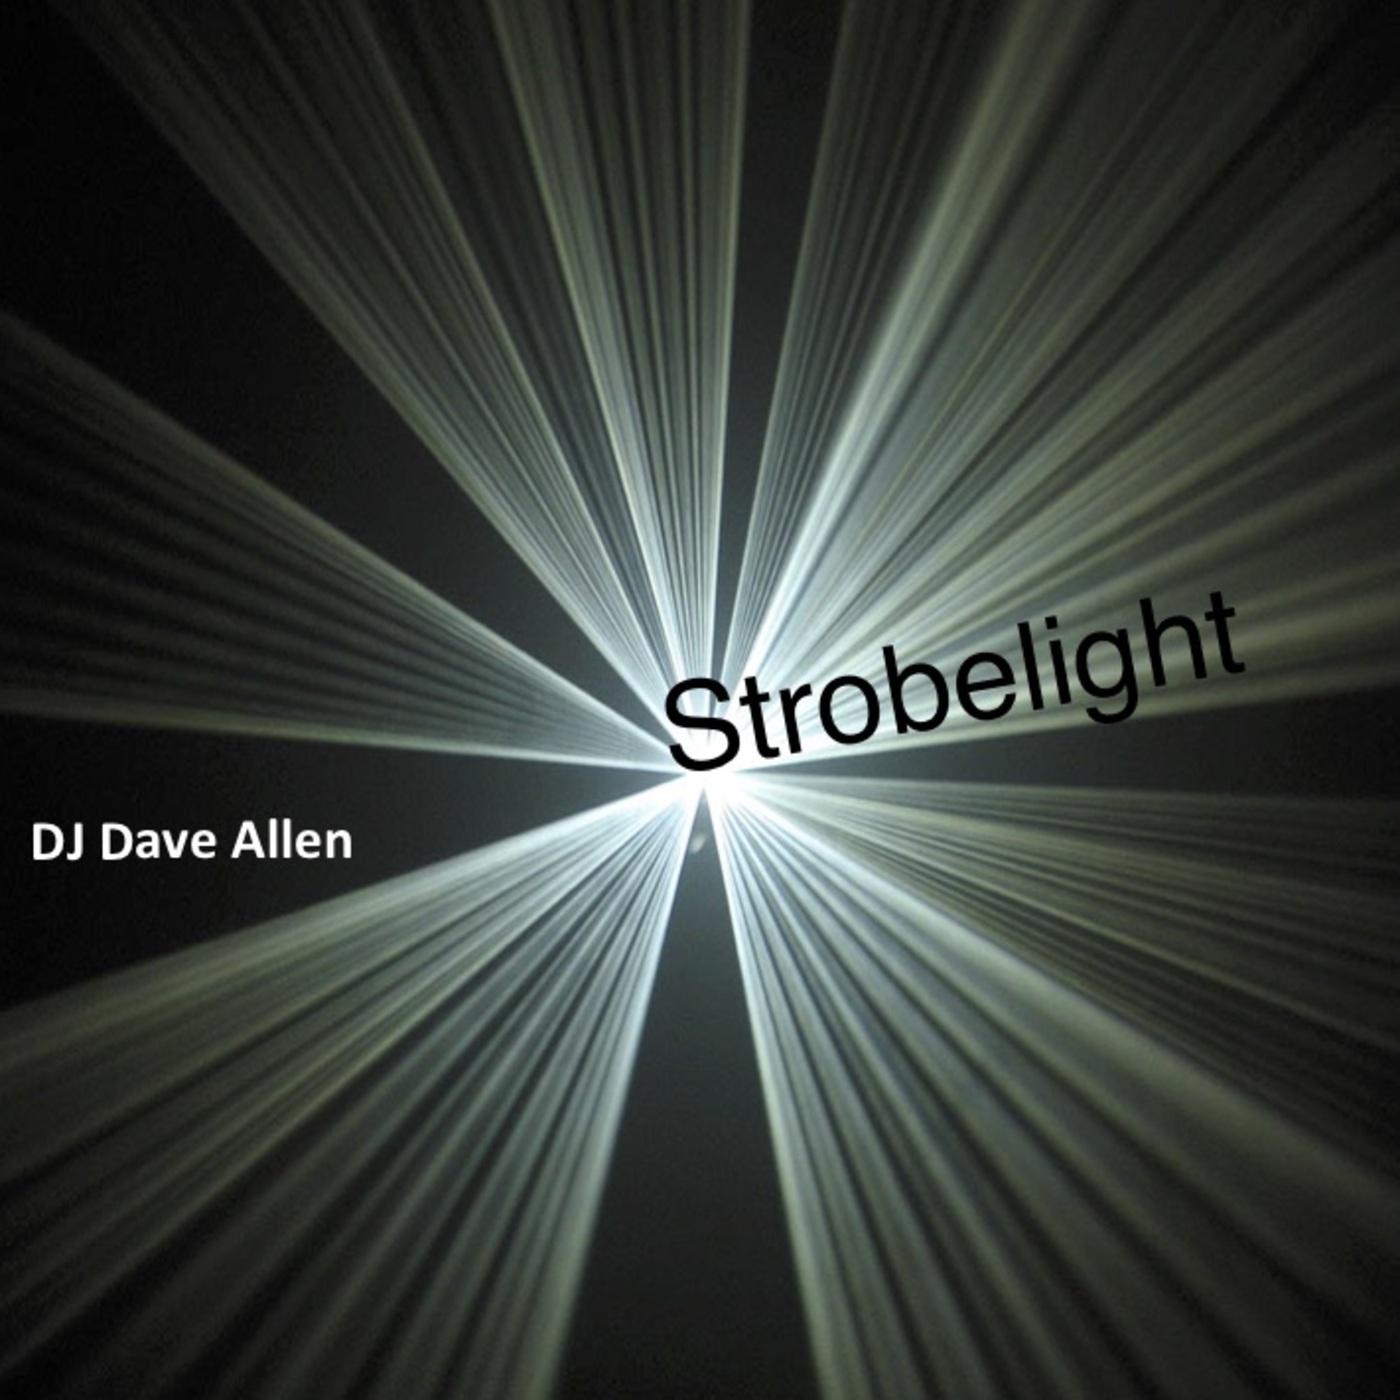 Strobelight DJ Dave Allen's podcast